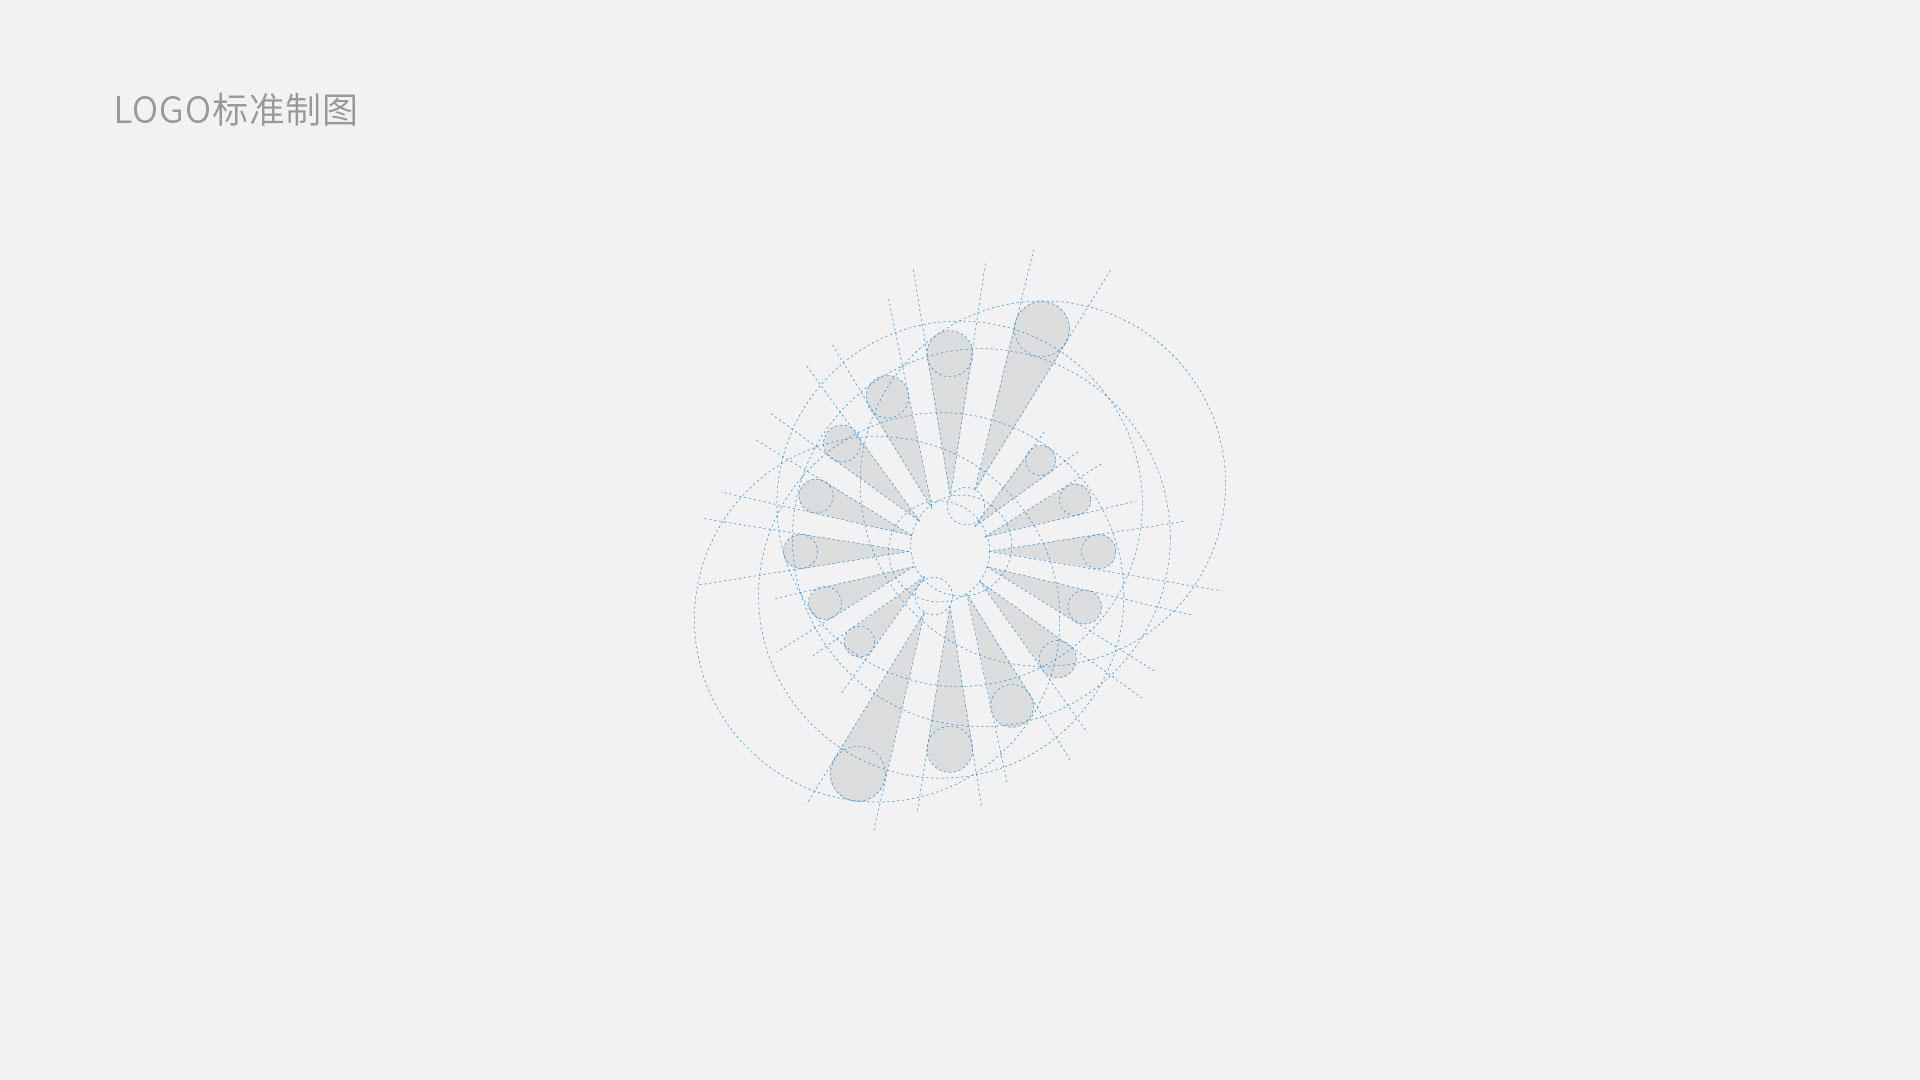 奇点控股logo标准制图